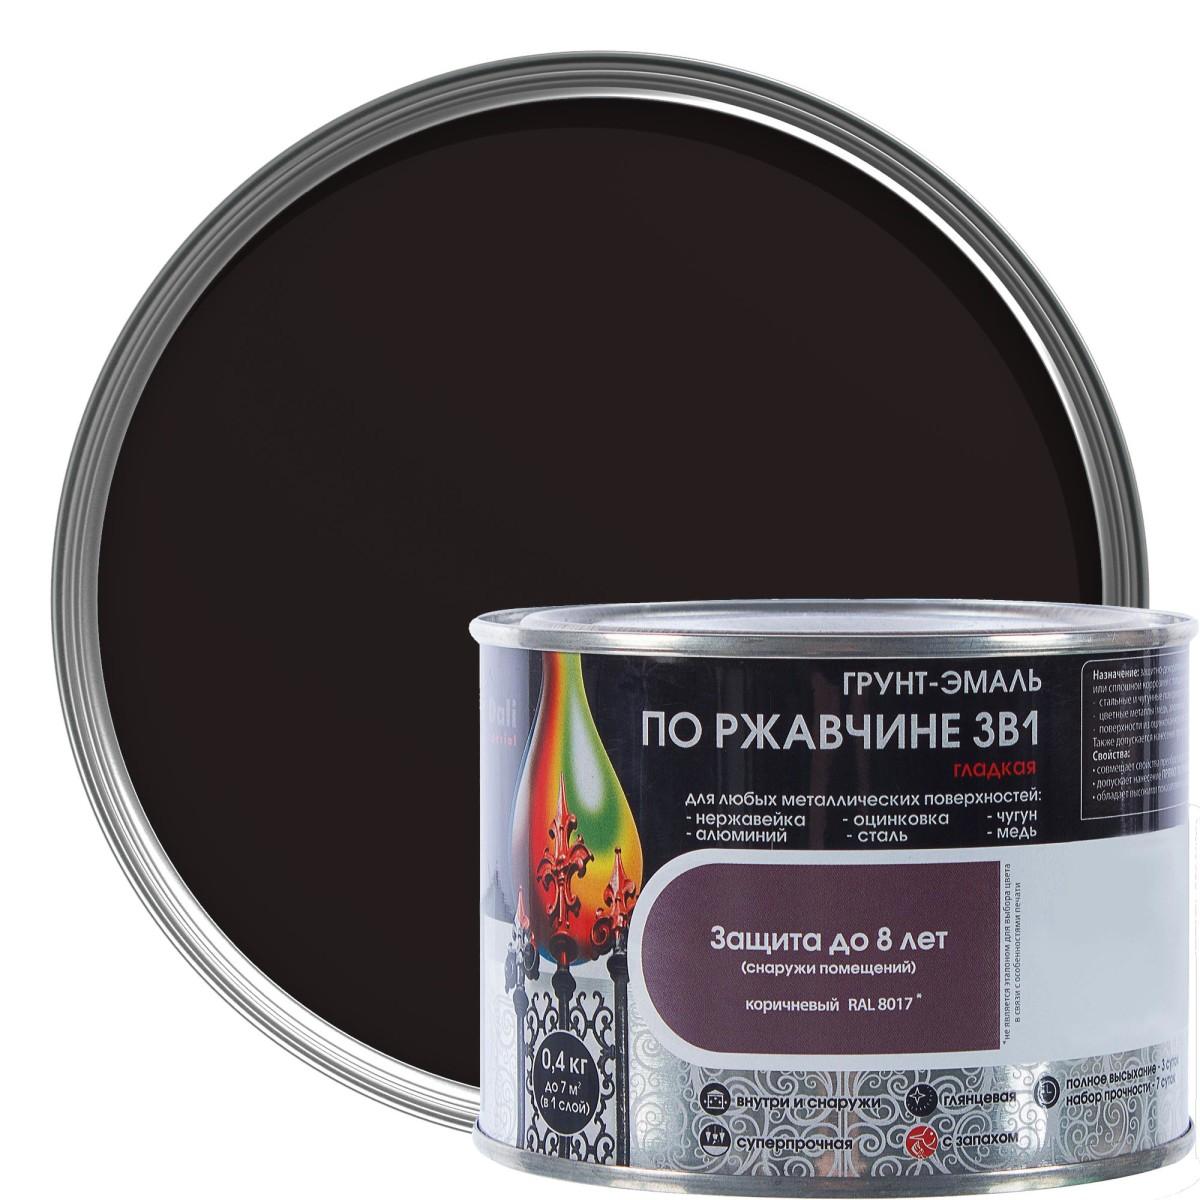 Грунт эмаль по ржавчине 3 в 1 гладкая Dali Special цвет коричневый 0.4 кг